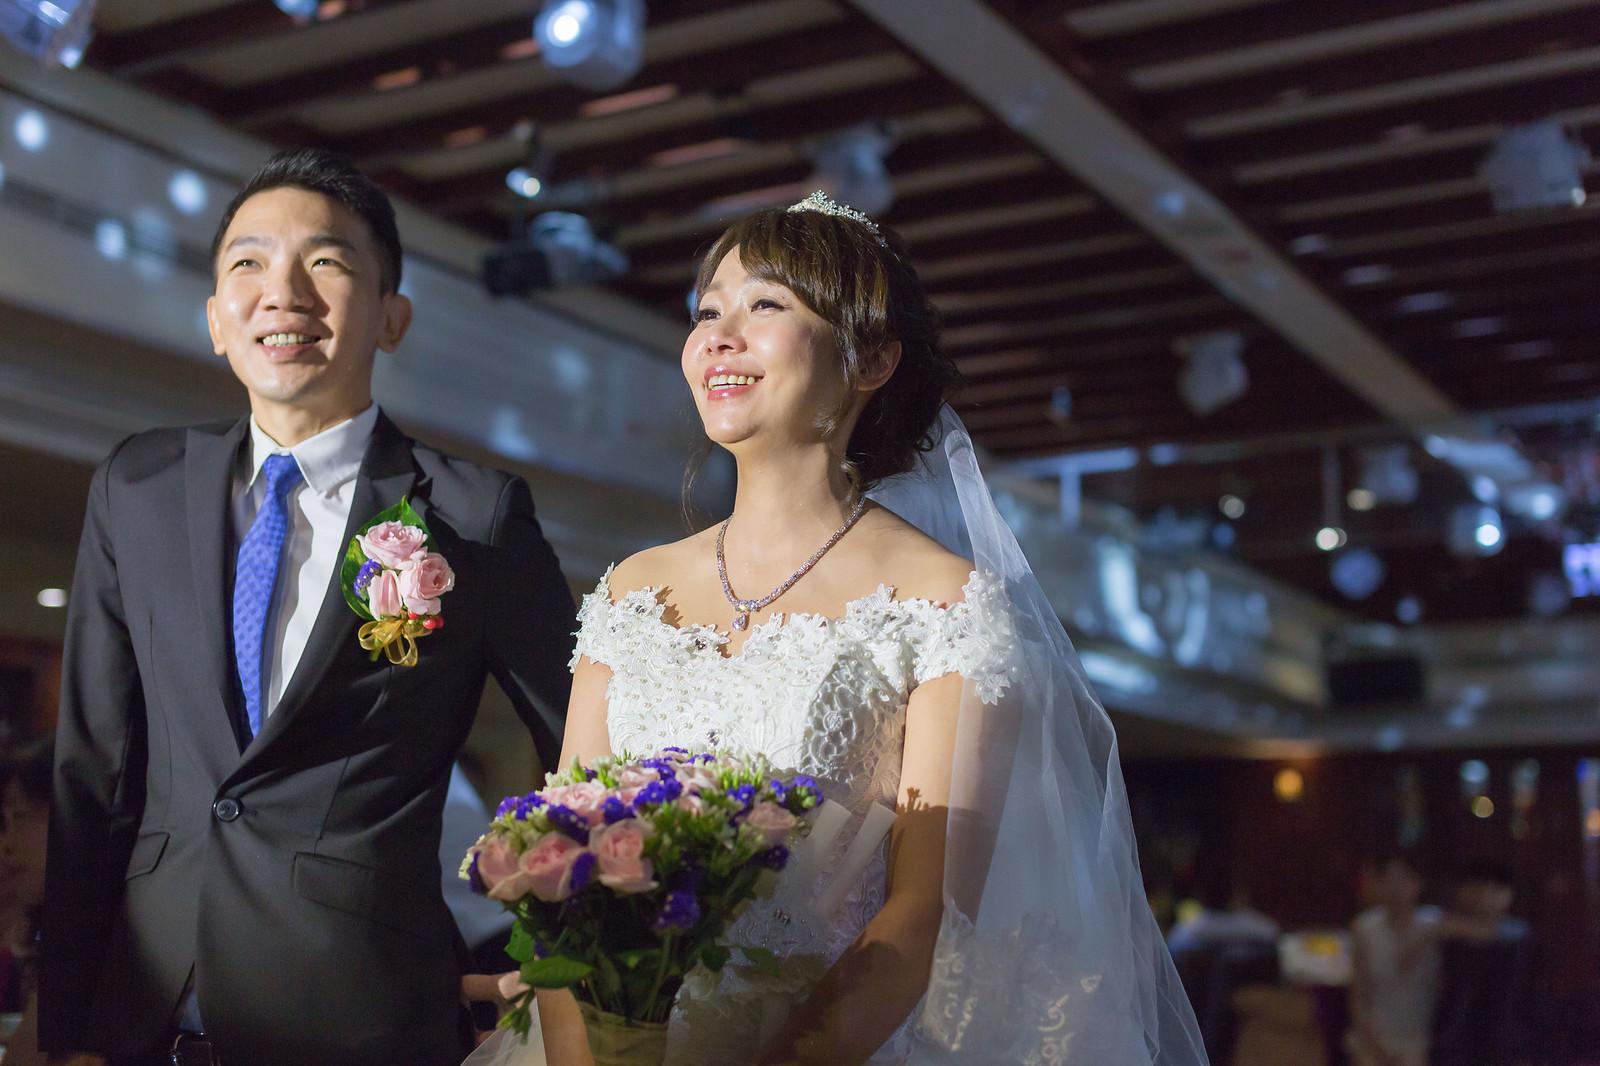 證婚儀式精選-167